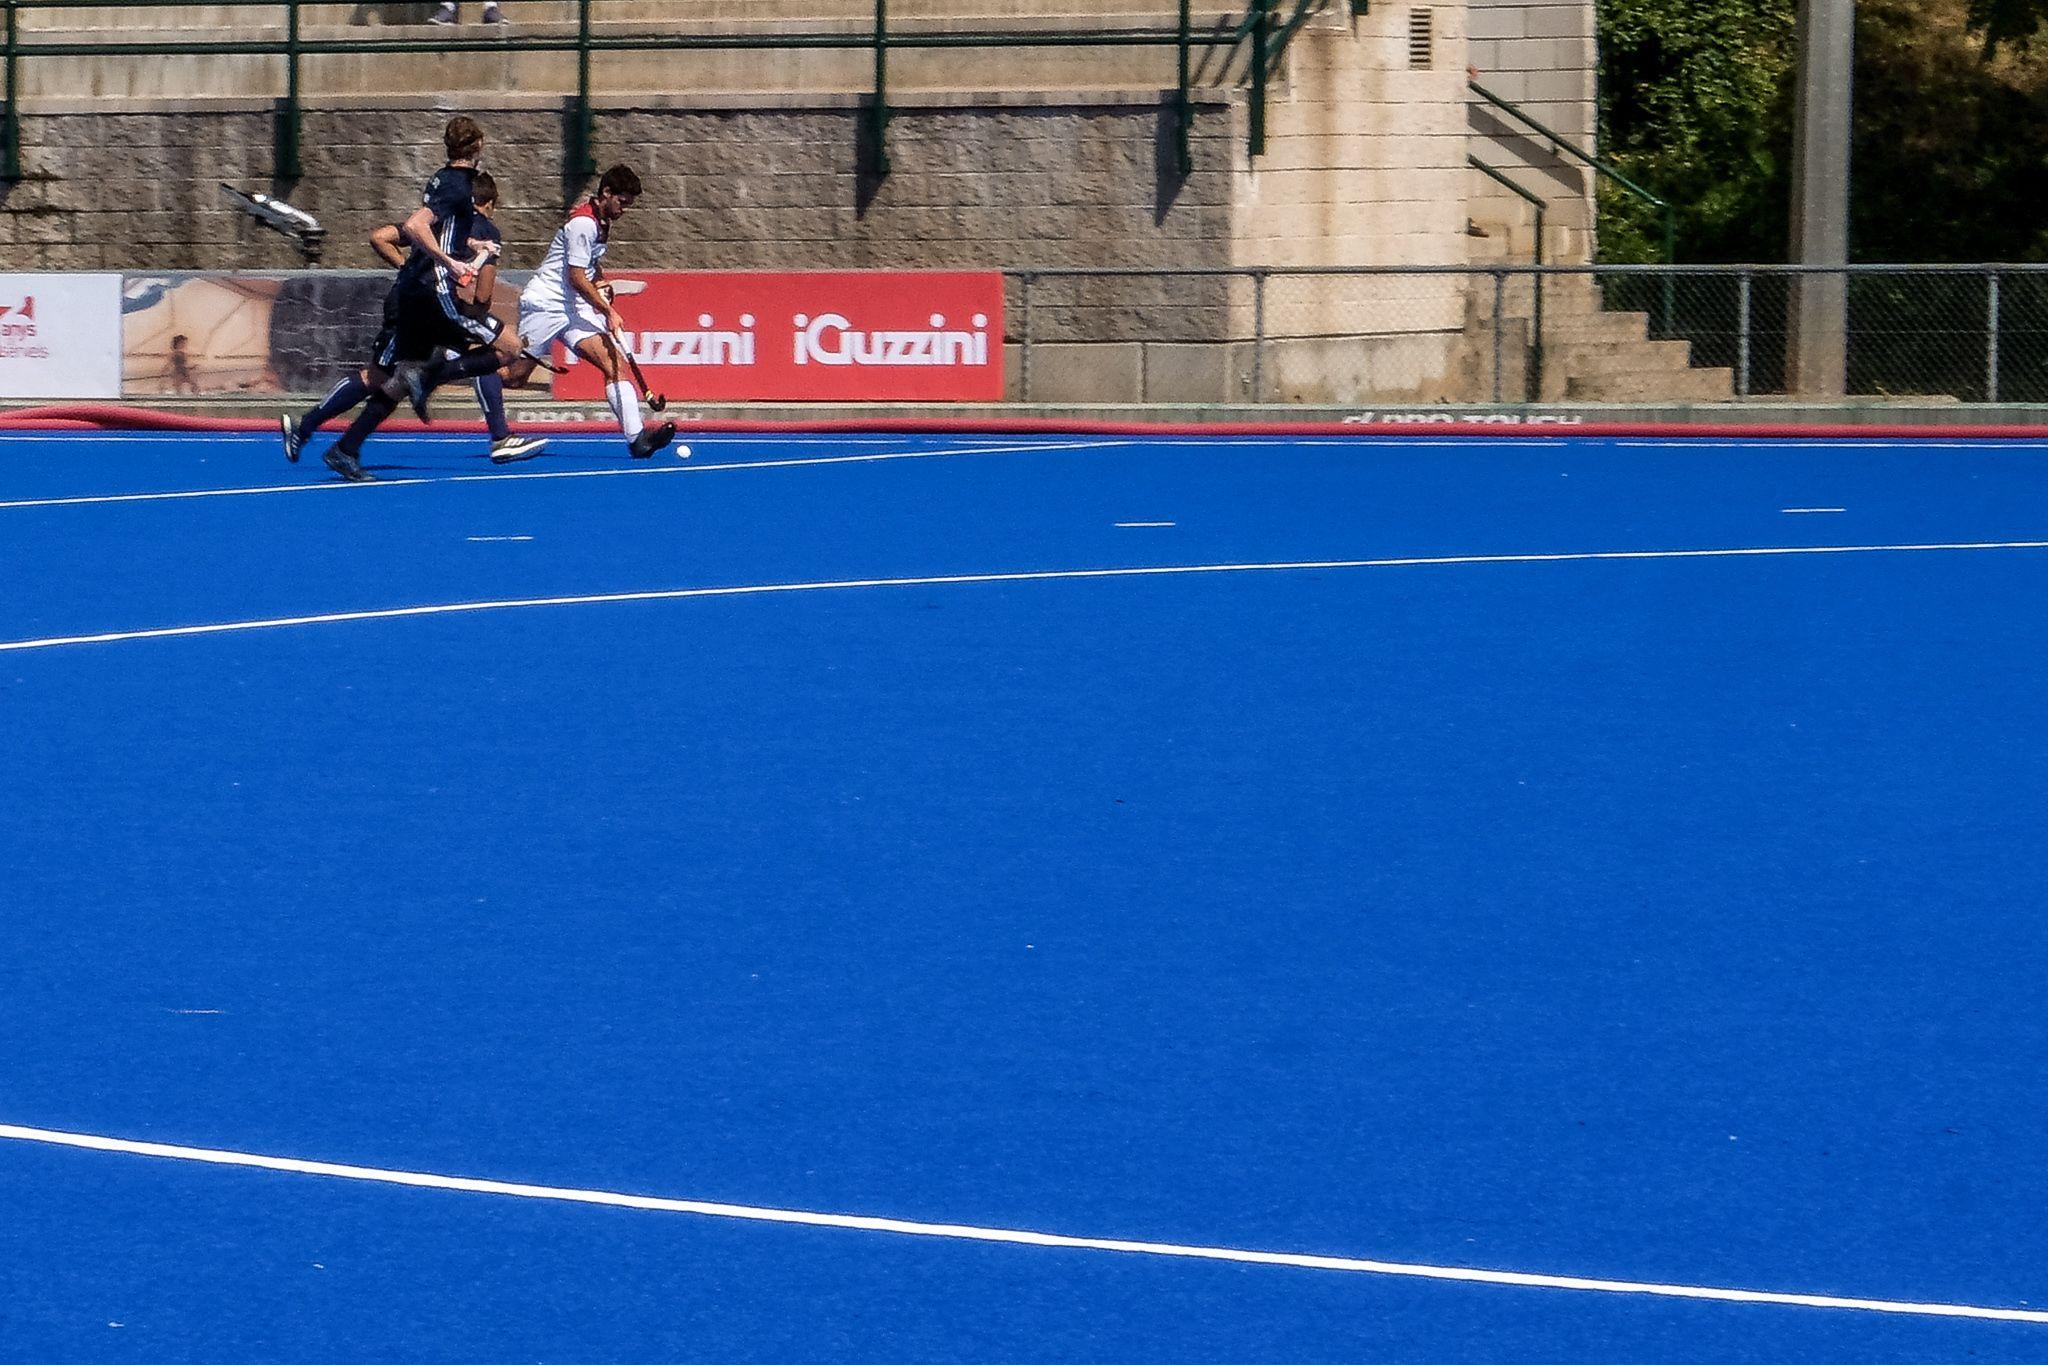 Campionat de Catalunya Hoquei herba: Junior Vs RC Polo. Foto: Ale Gómez